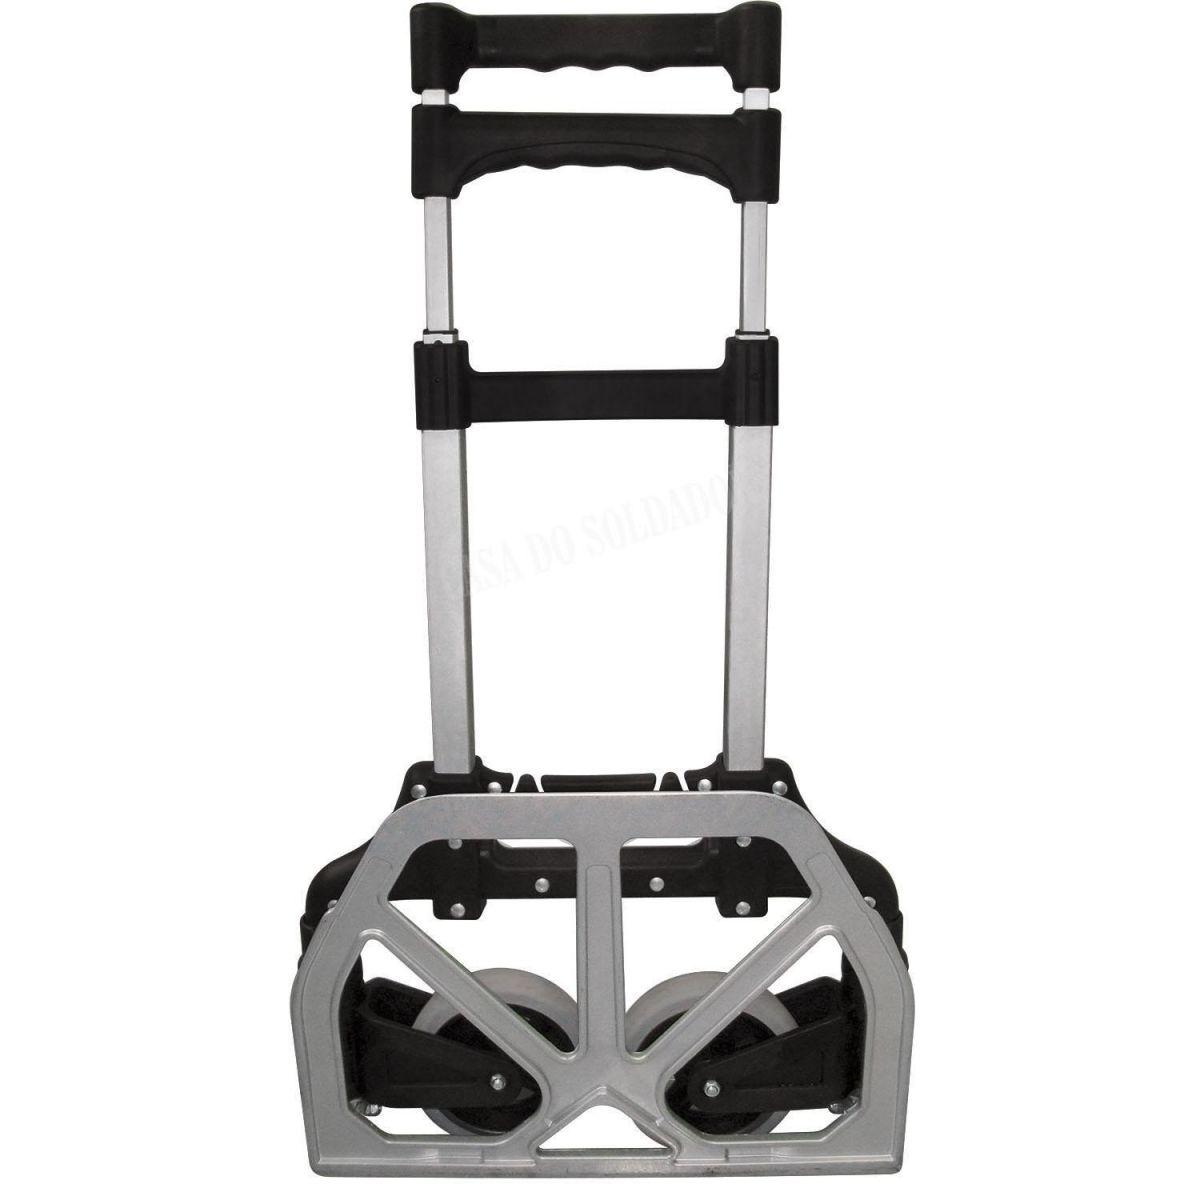 Carrinho Dobrável De Alumínio Capacidade 70Kg Worker